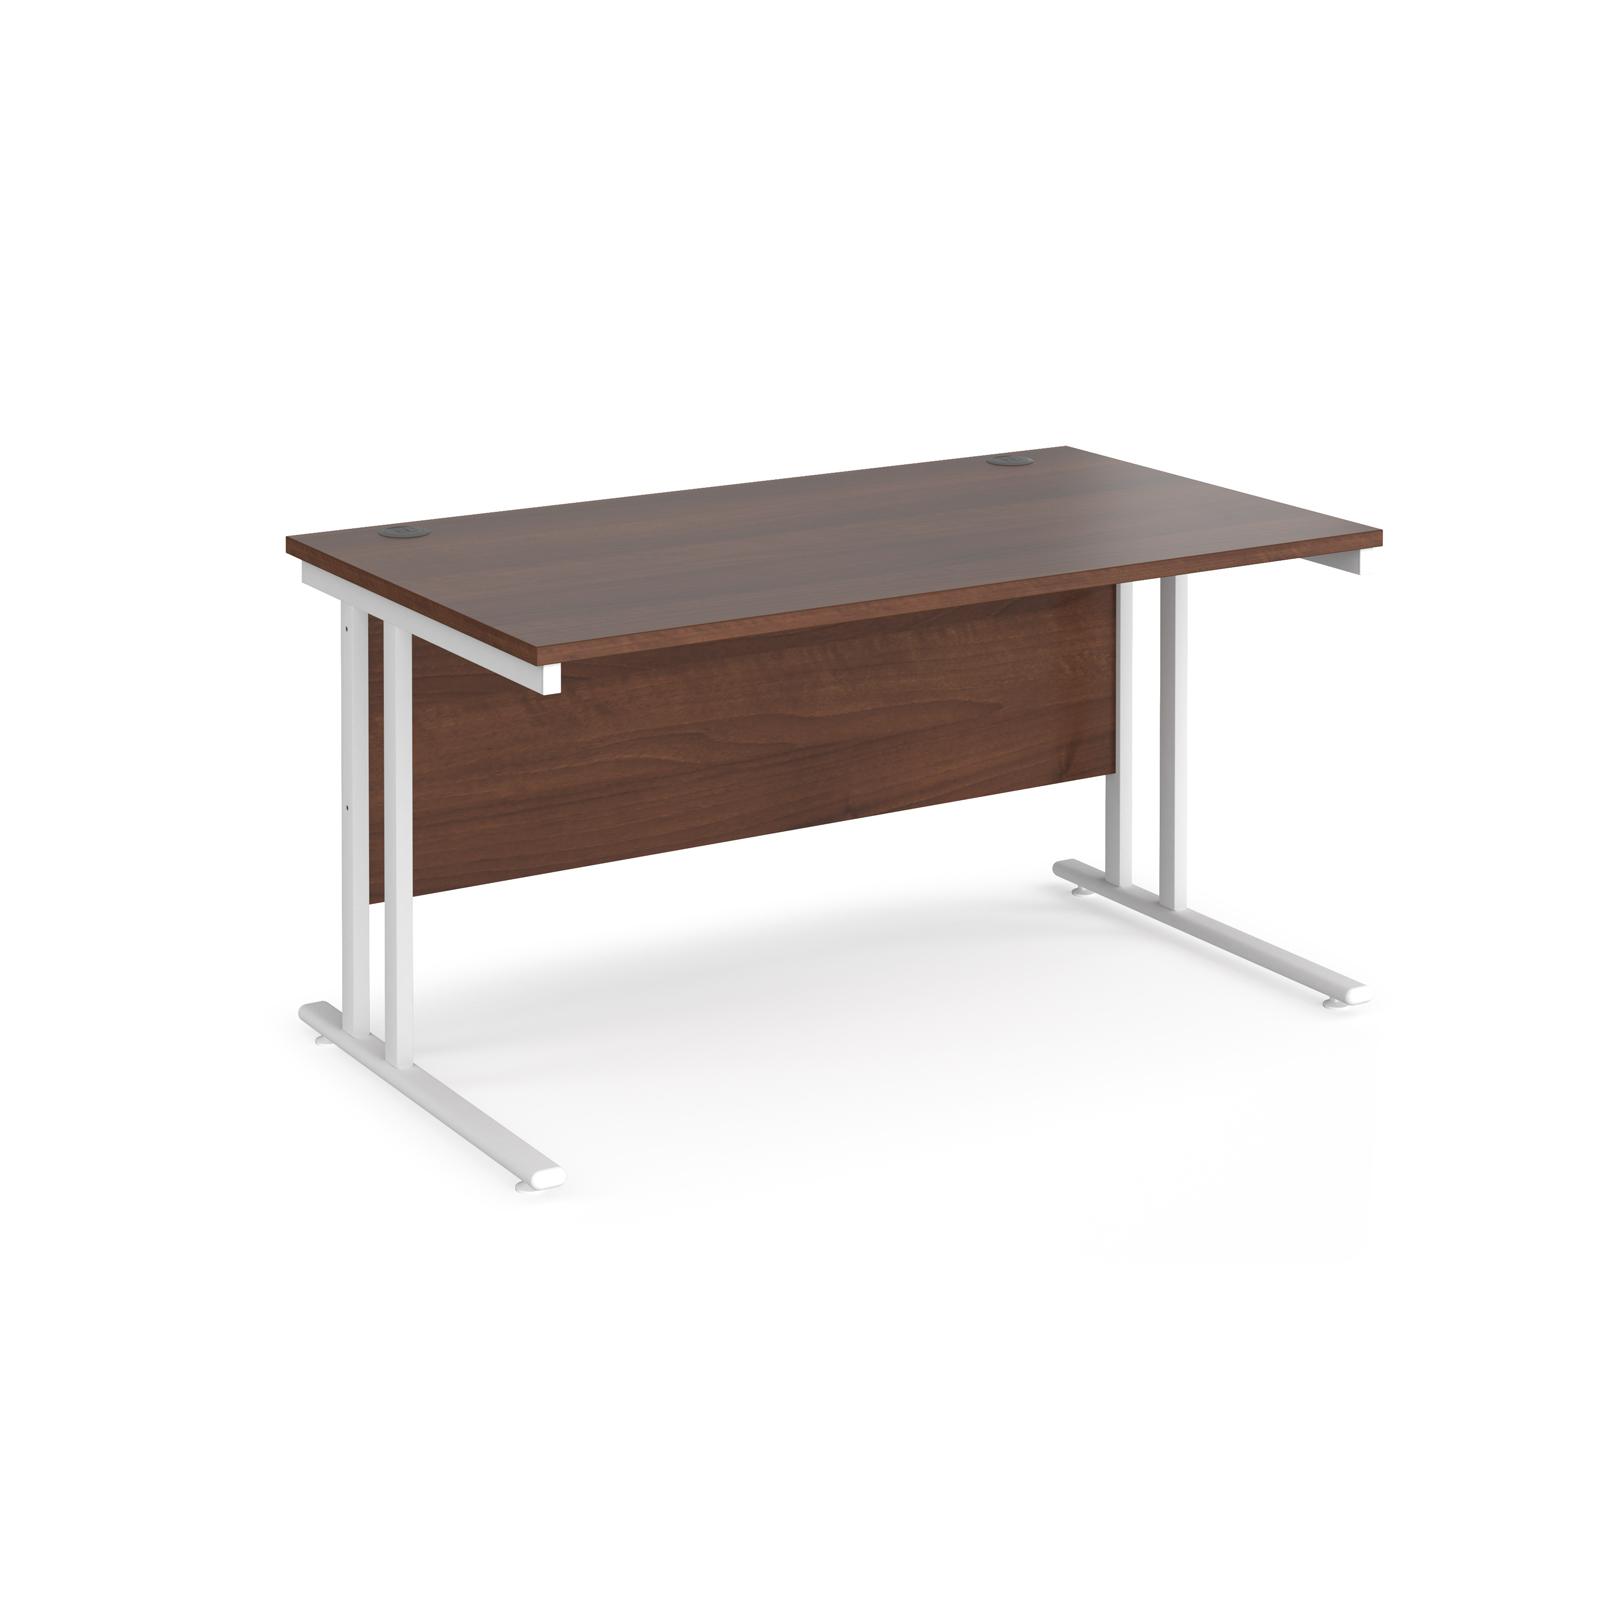 Rectangular Desks Maestro 25 straight desk 1400mm x 800mm - white cantilever leg frame, walnut top